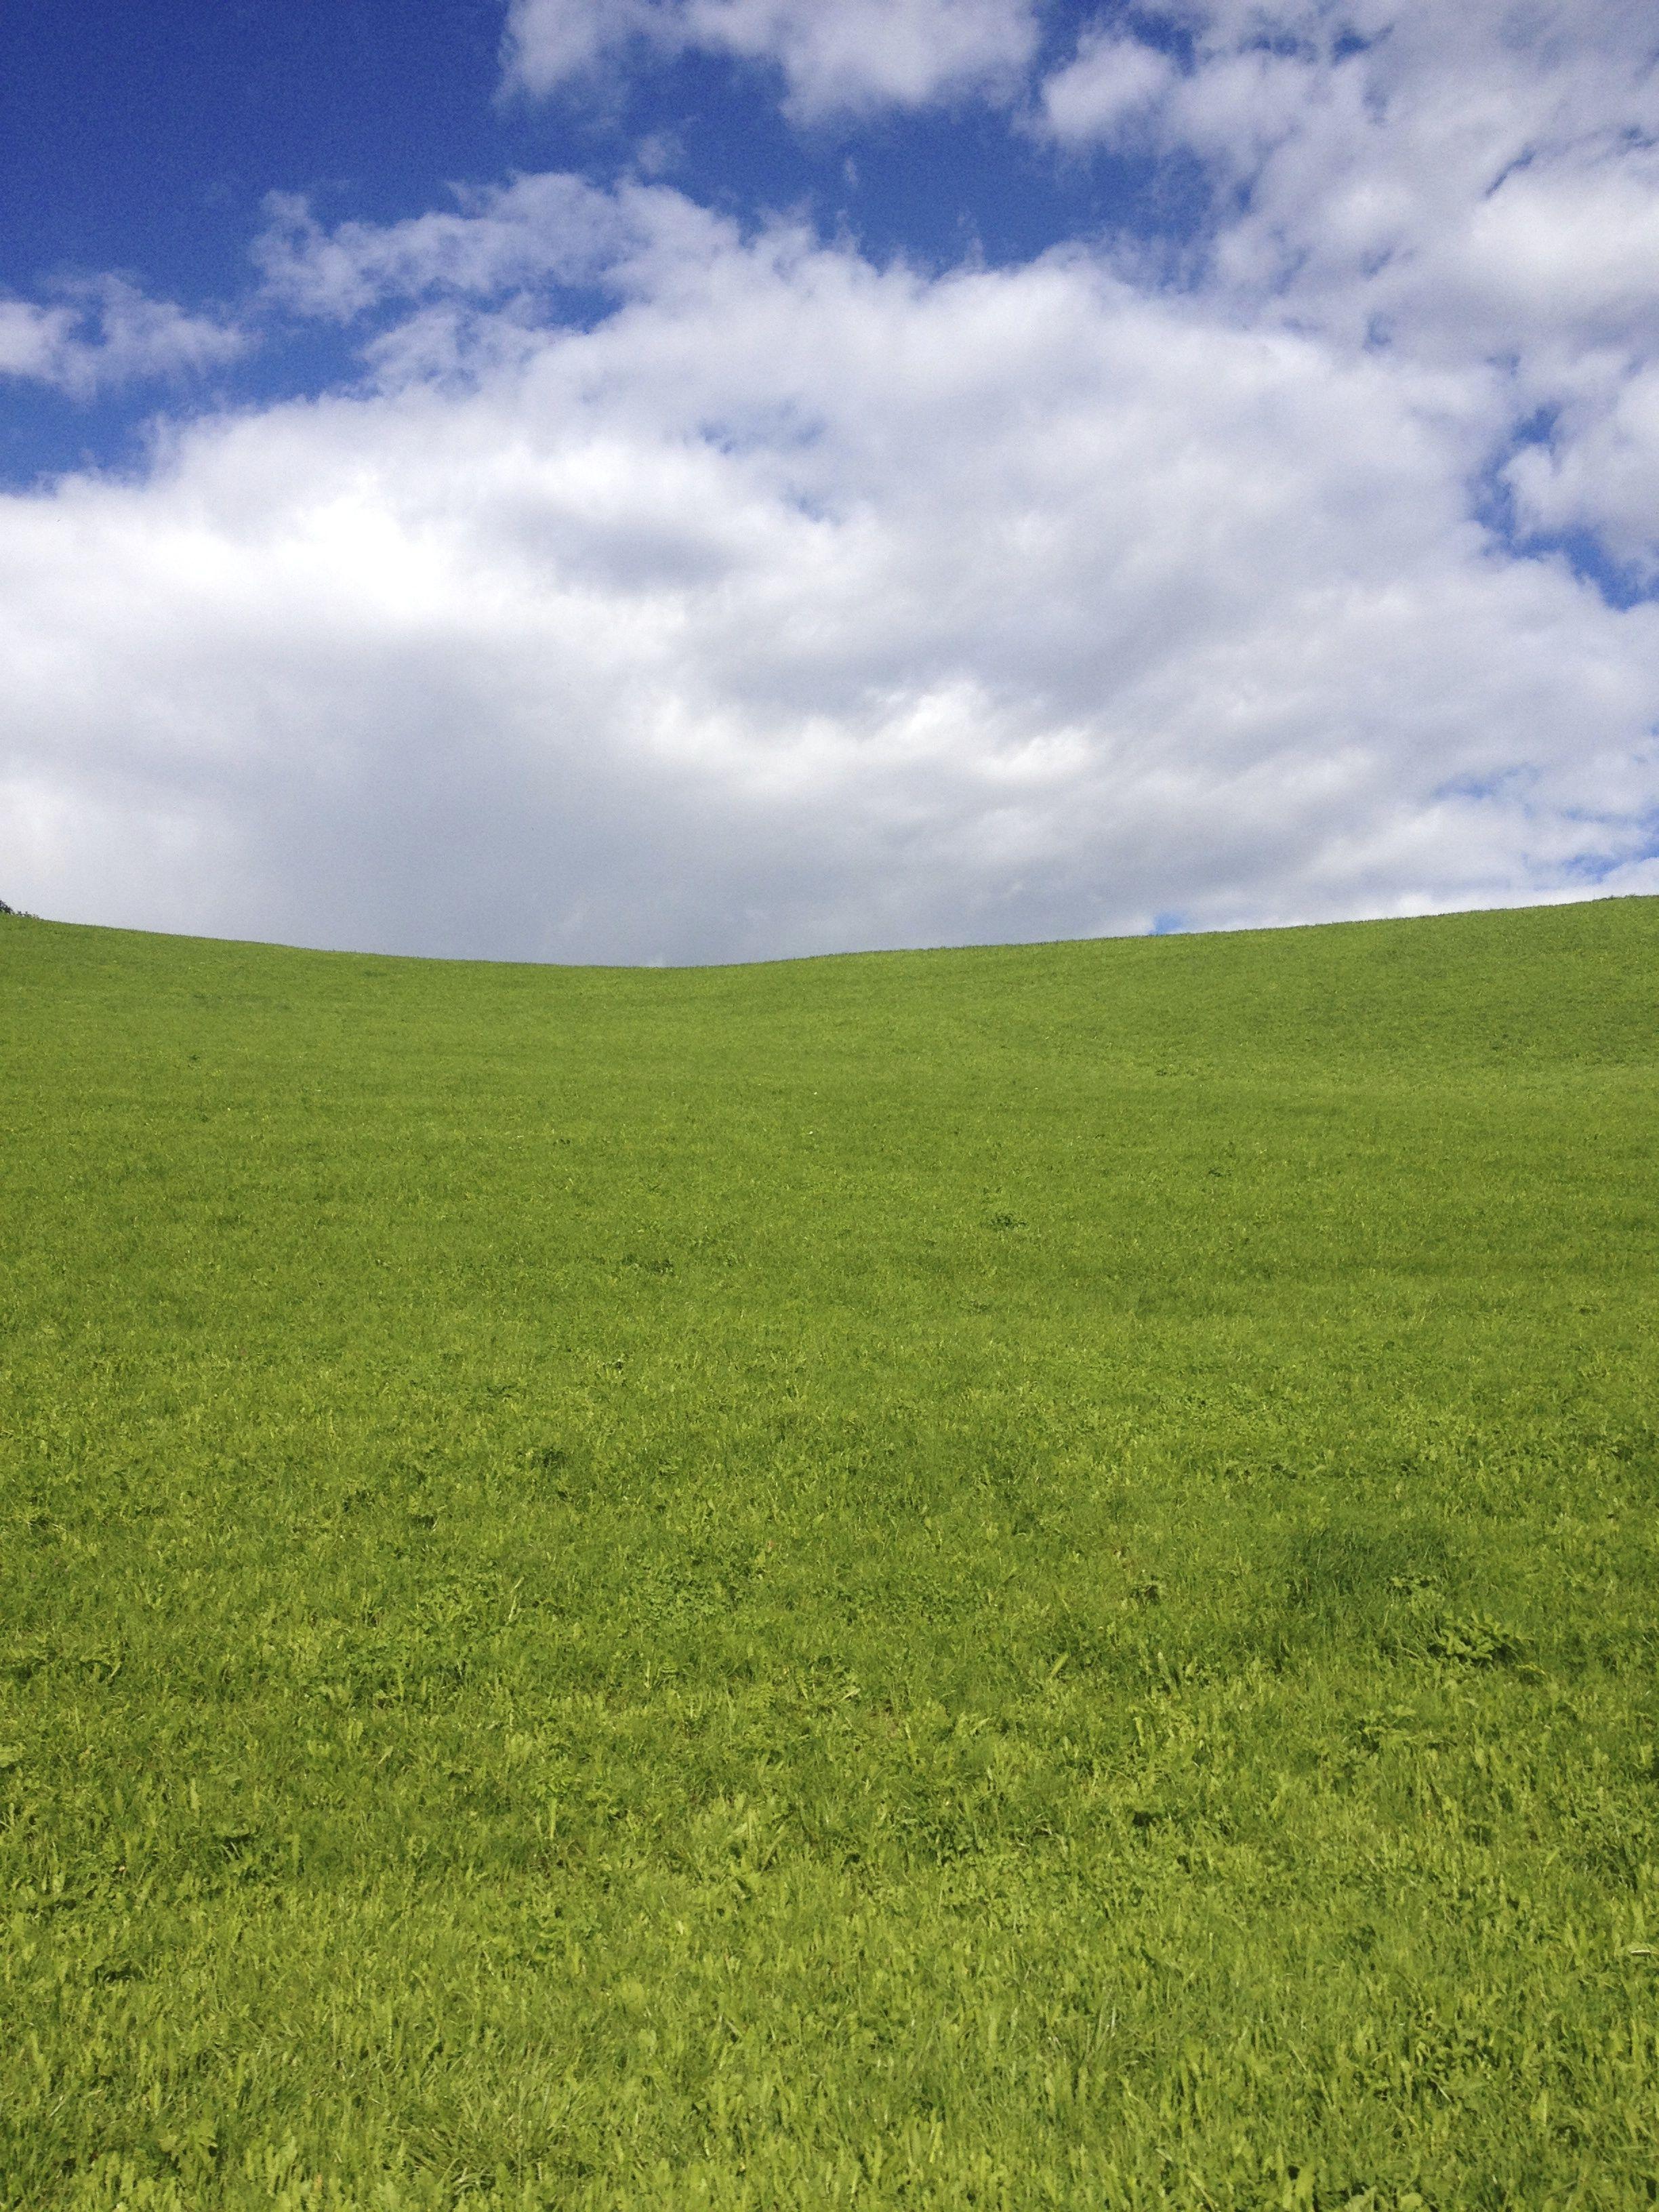 Verdeazzurro